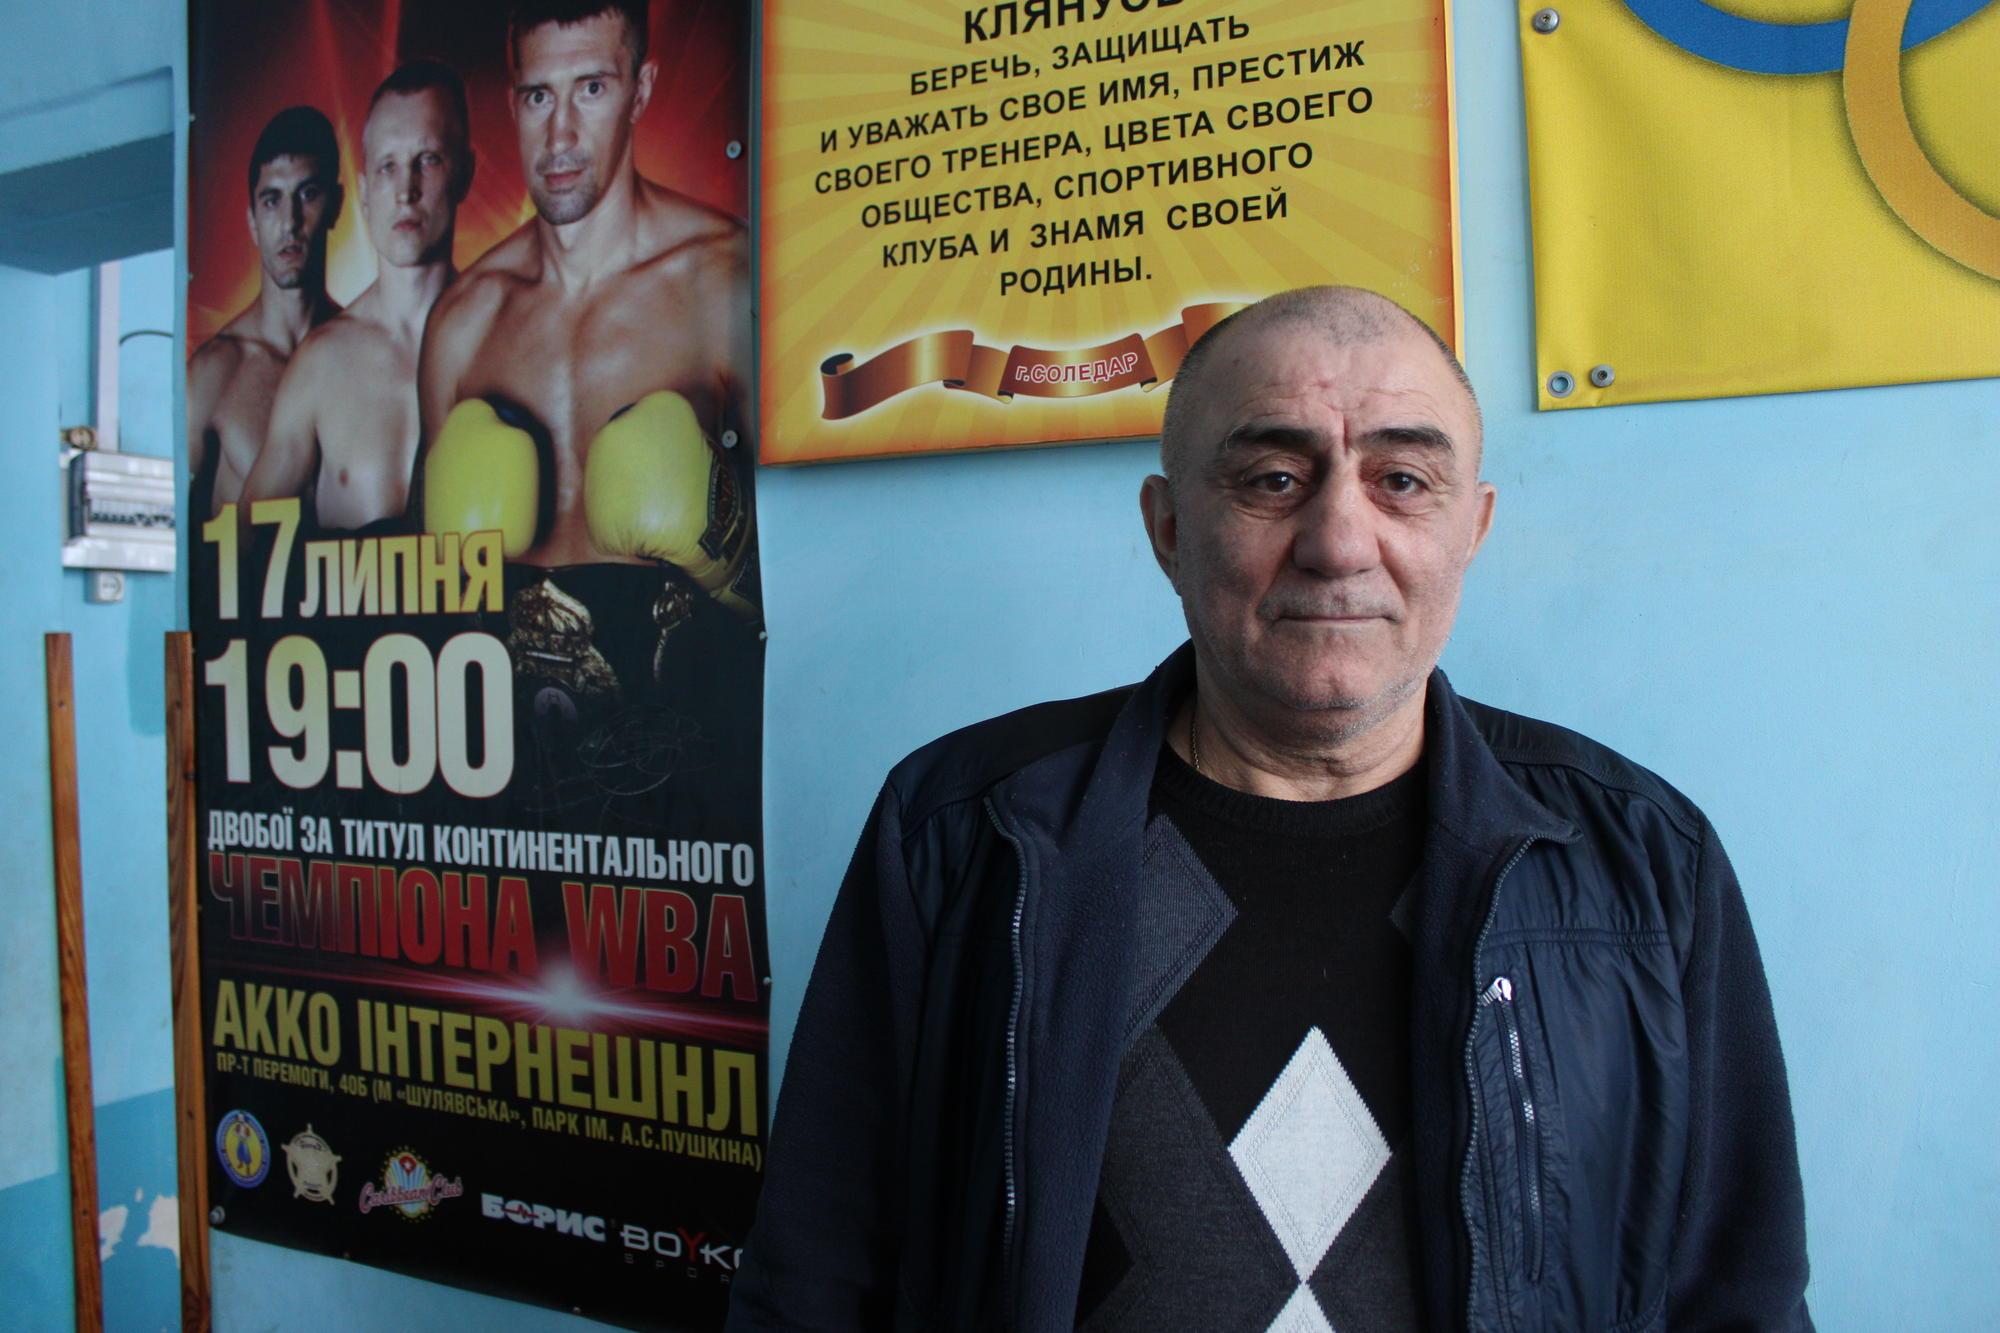 тренер Георгій Гангалов з Соледара